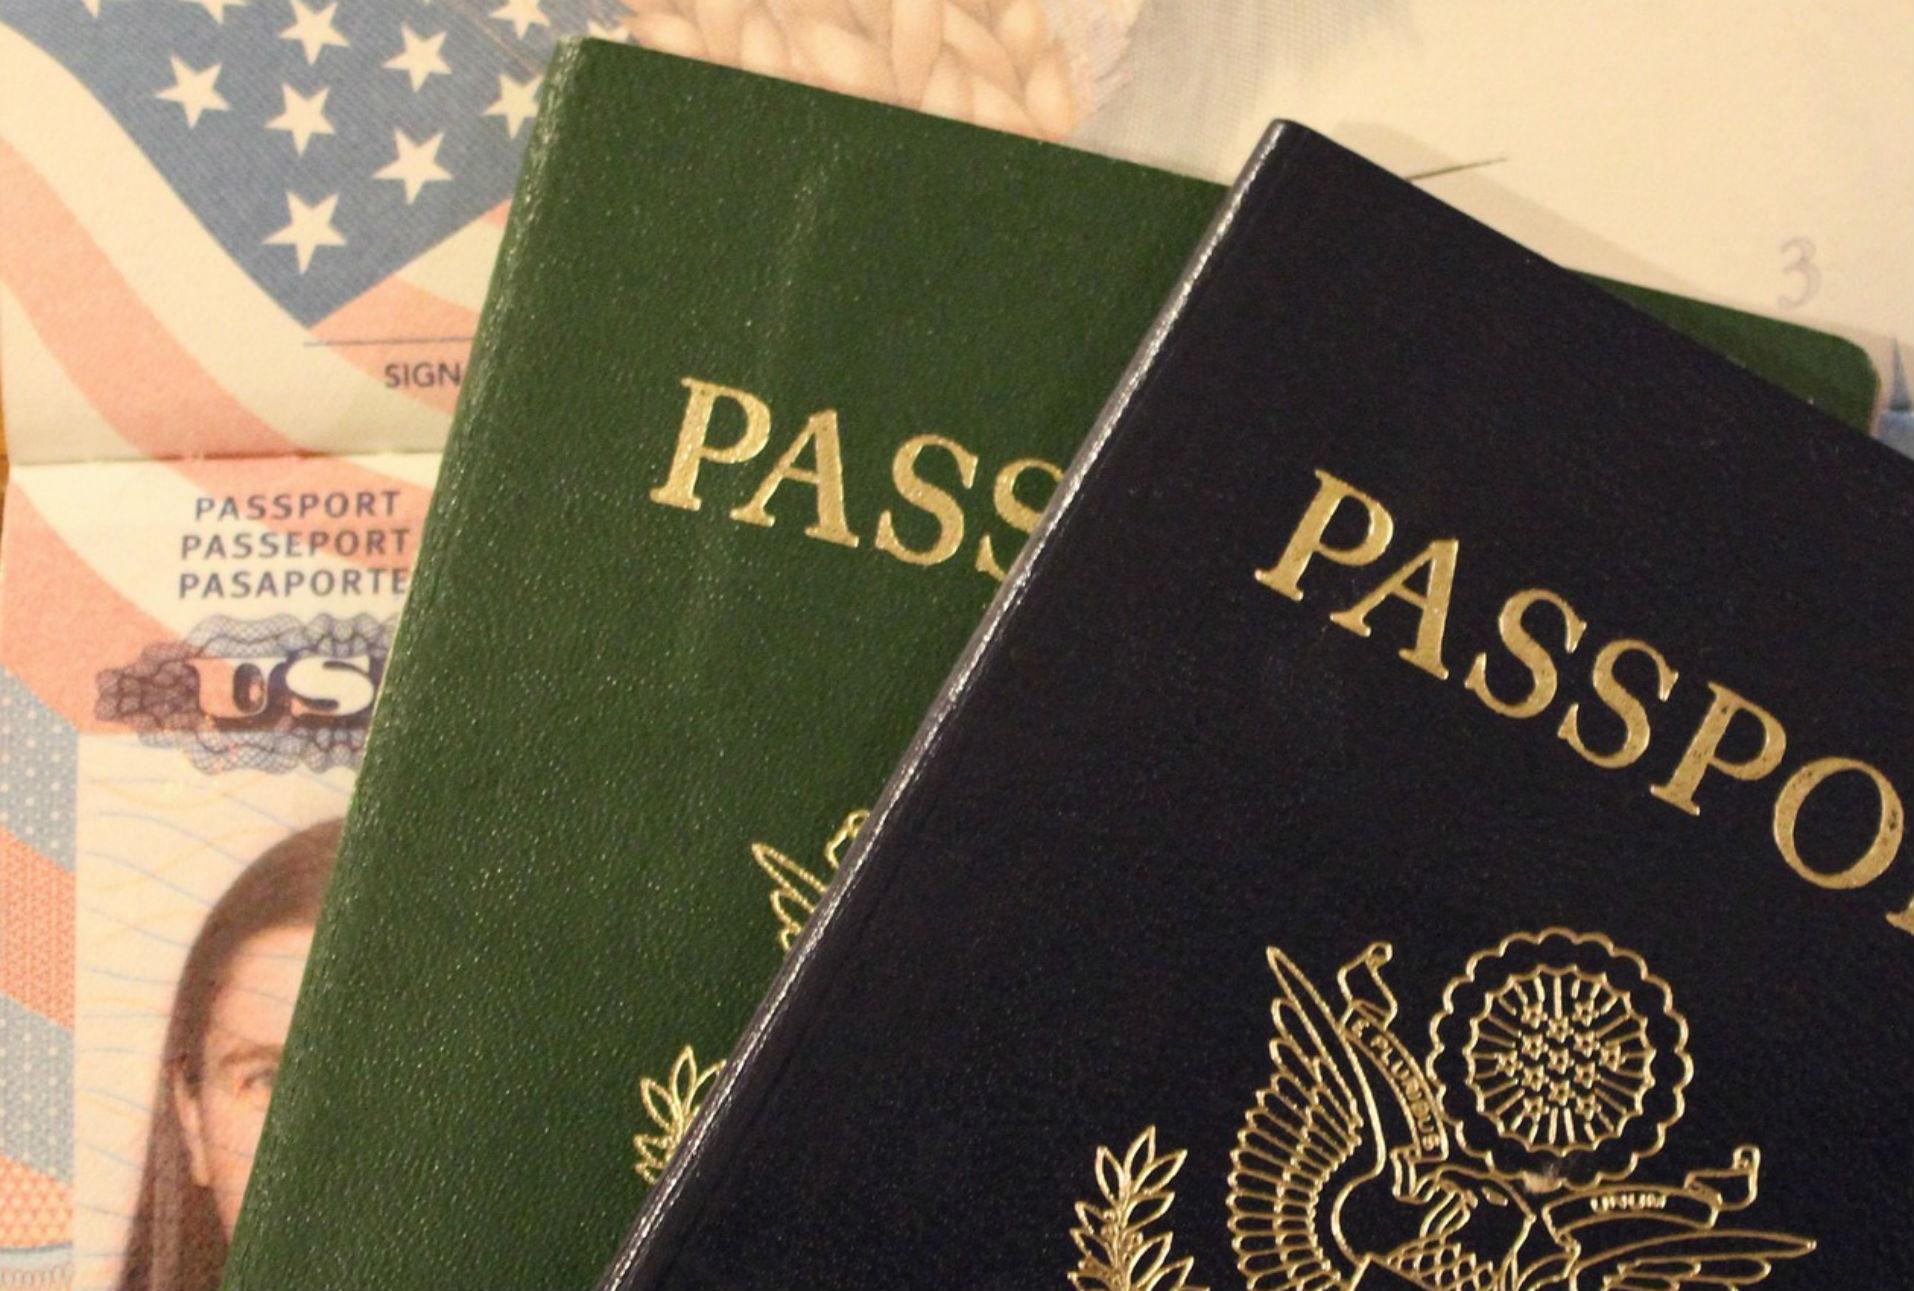 Empresa mexicana expone datos personales de turistas extranjeros